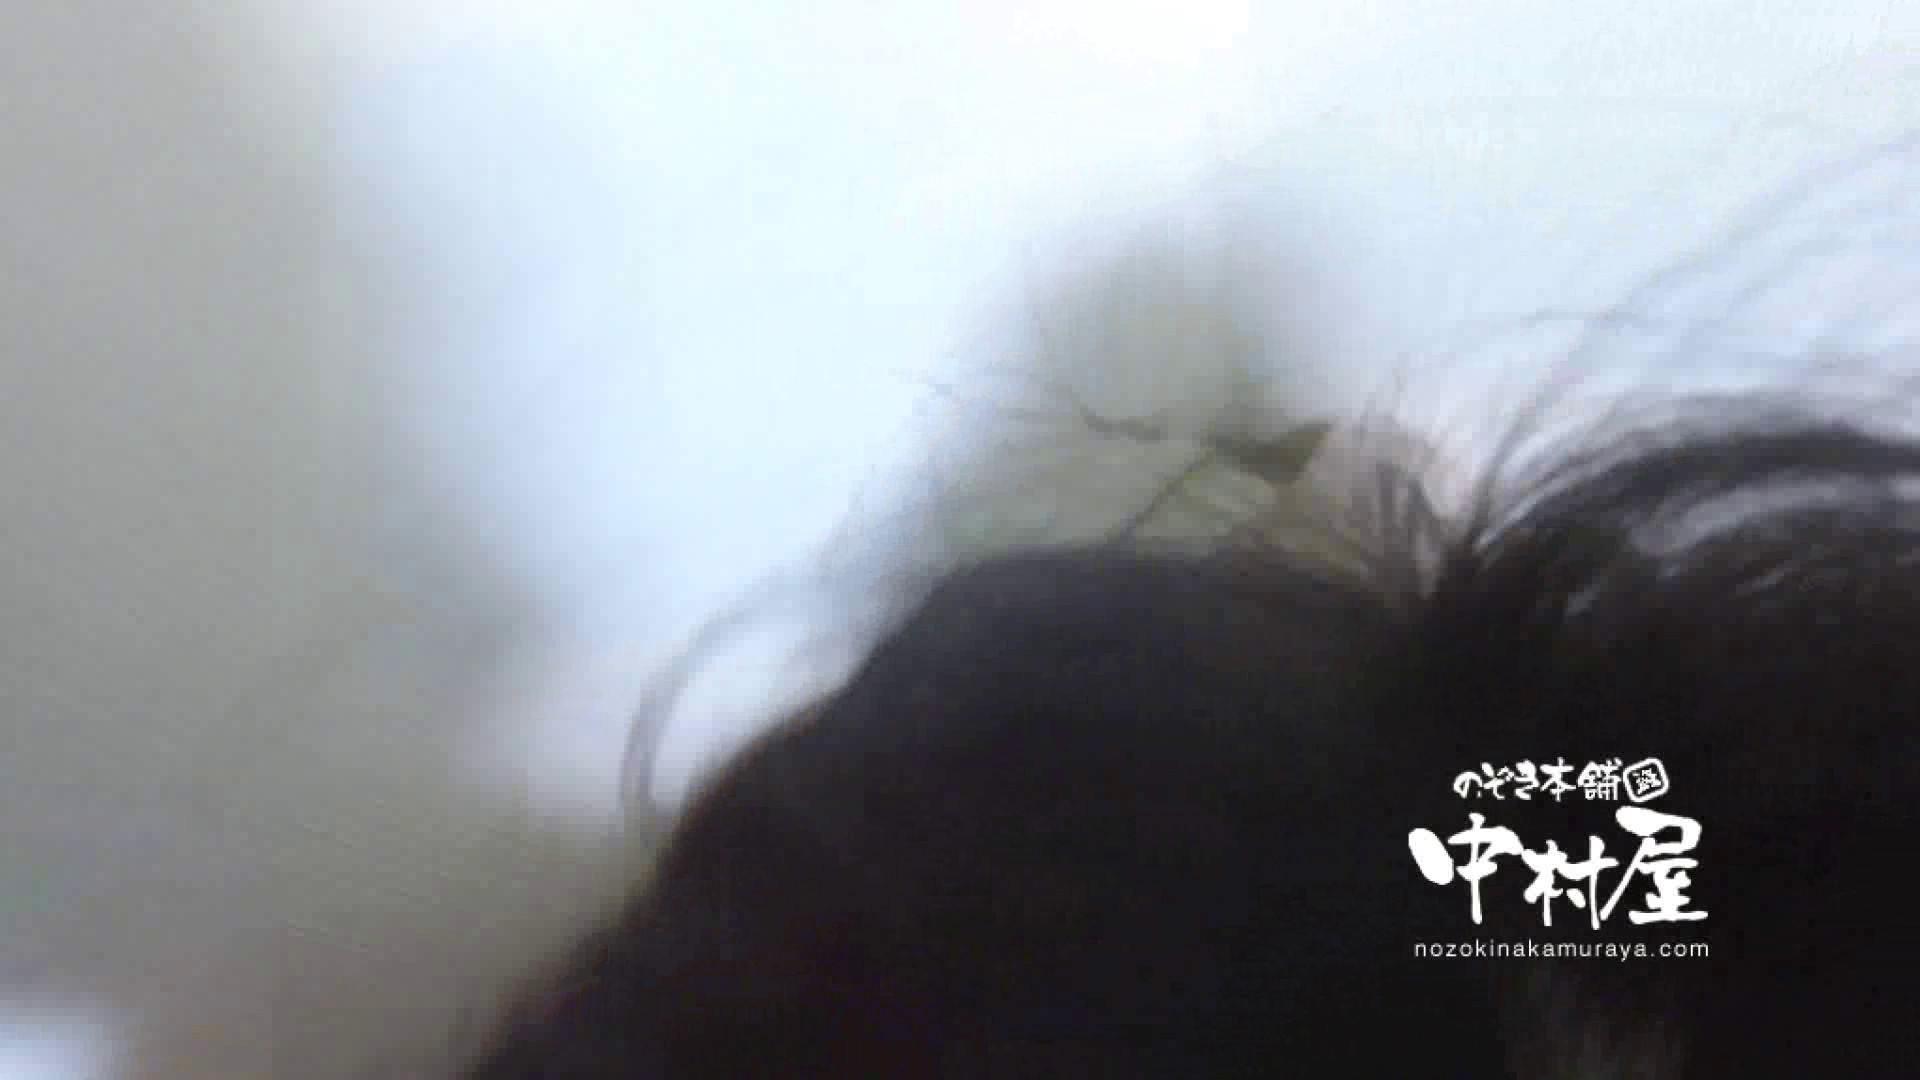 鬼畜 vol.14 小生意気なおなごにはペナルティー 後編 鬼畜 ワレメ無修正動画無料 97連発 62